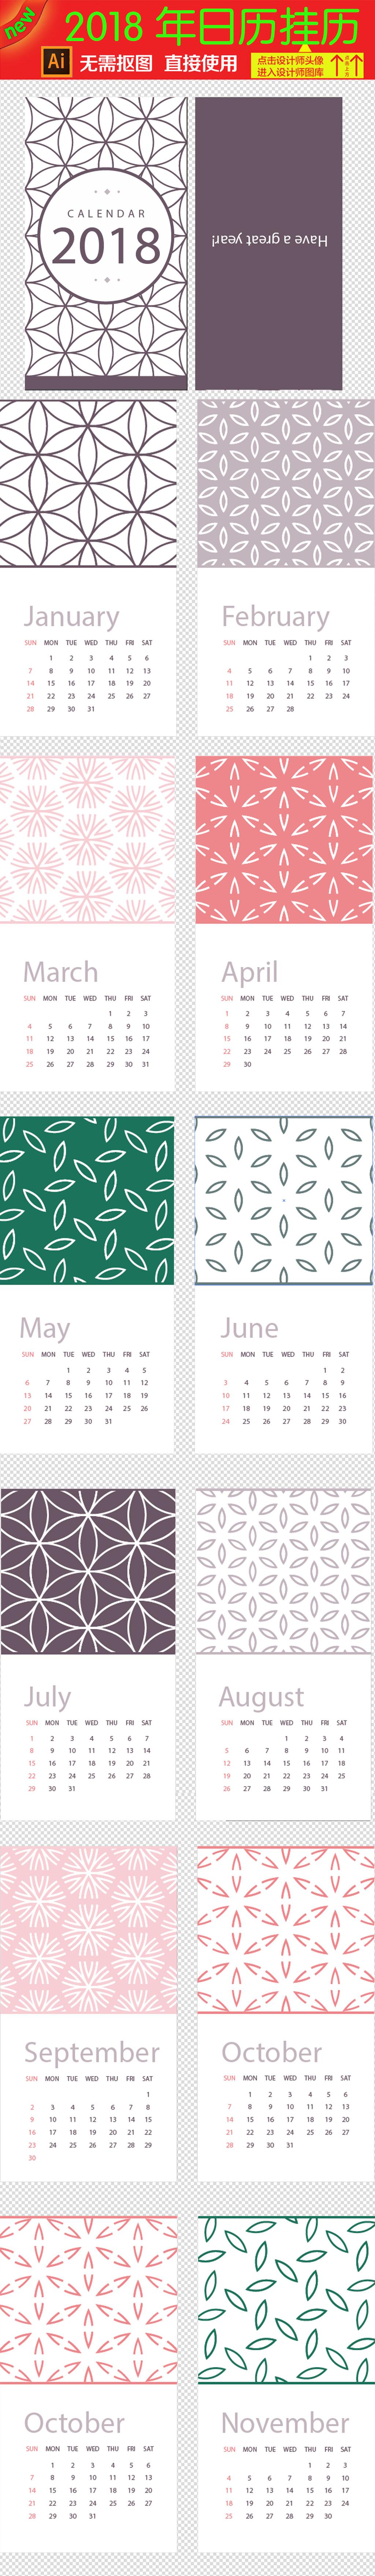 创意2018日历系列模板